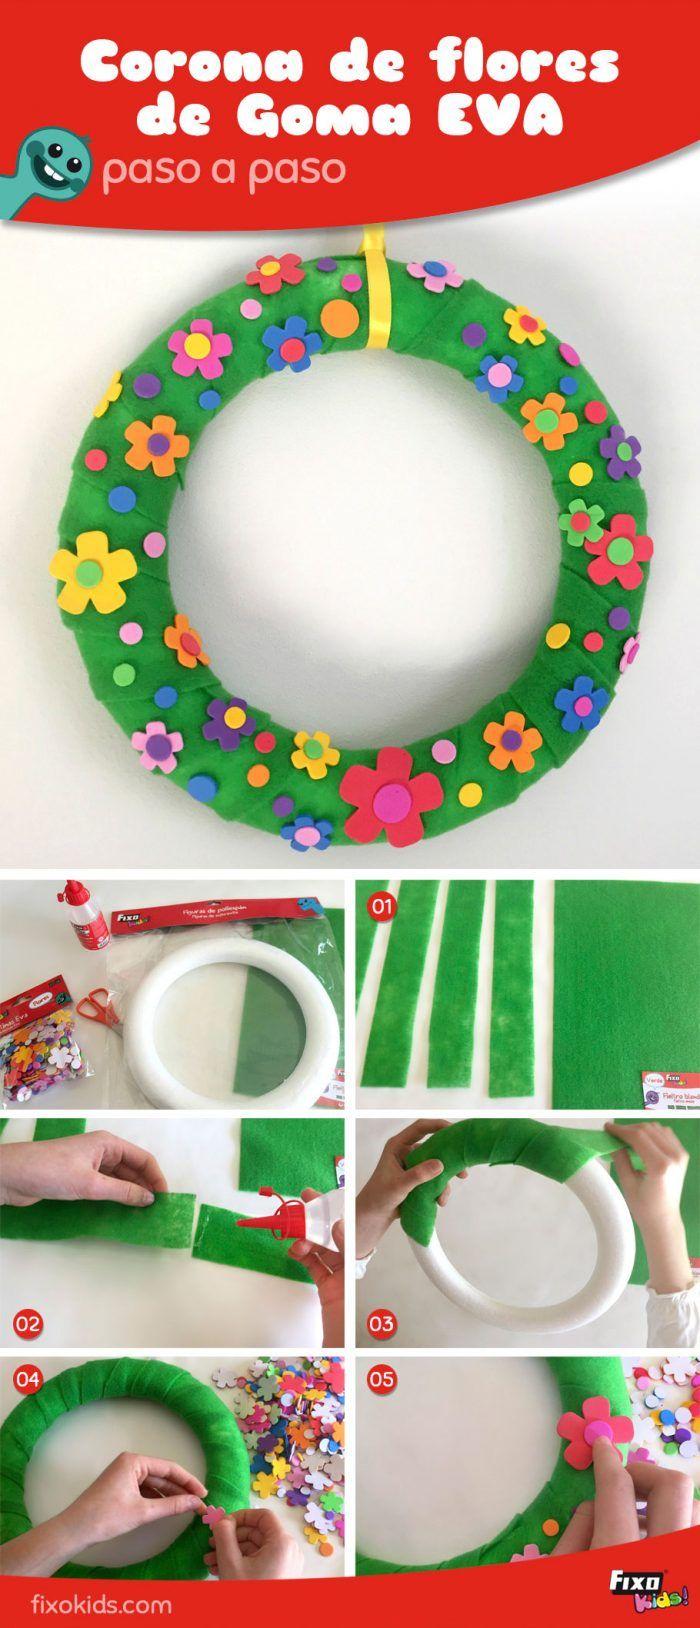 Cómo hacer una corona de flores con goma eva. manualidades decorativas. manualidades fáciles. Manualidades para niños. Ideas decoración flores.